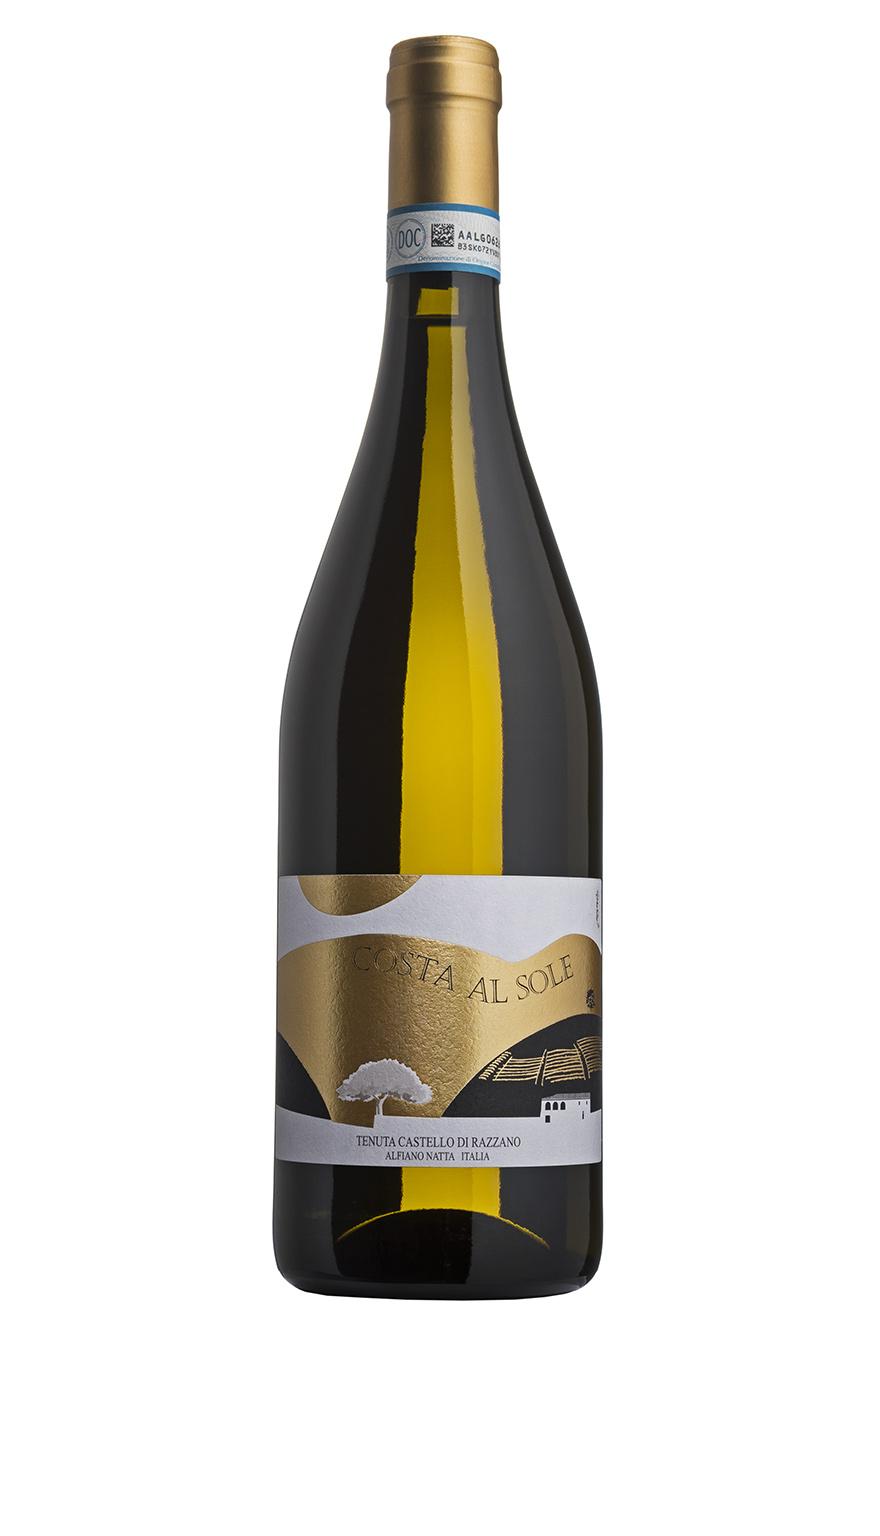 COSTA AL SOLE - Chardonnay - Castello di Razzano